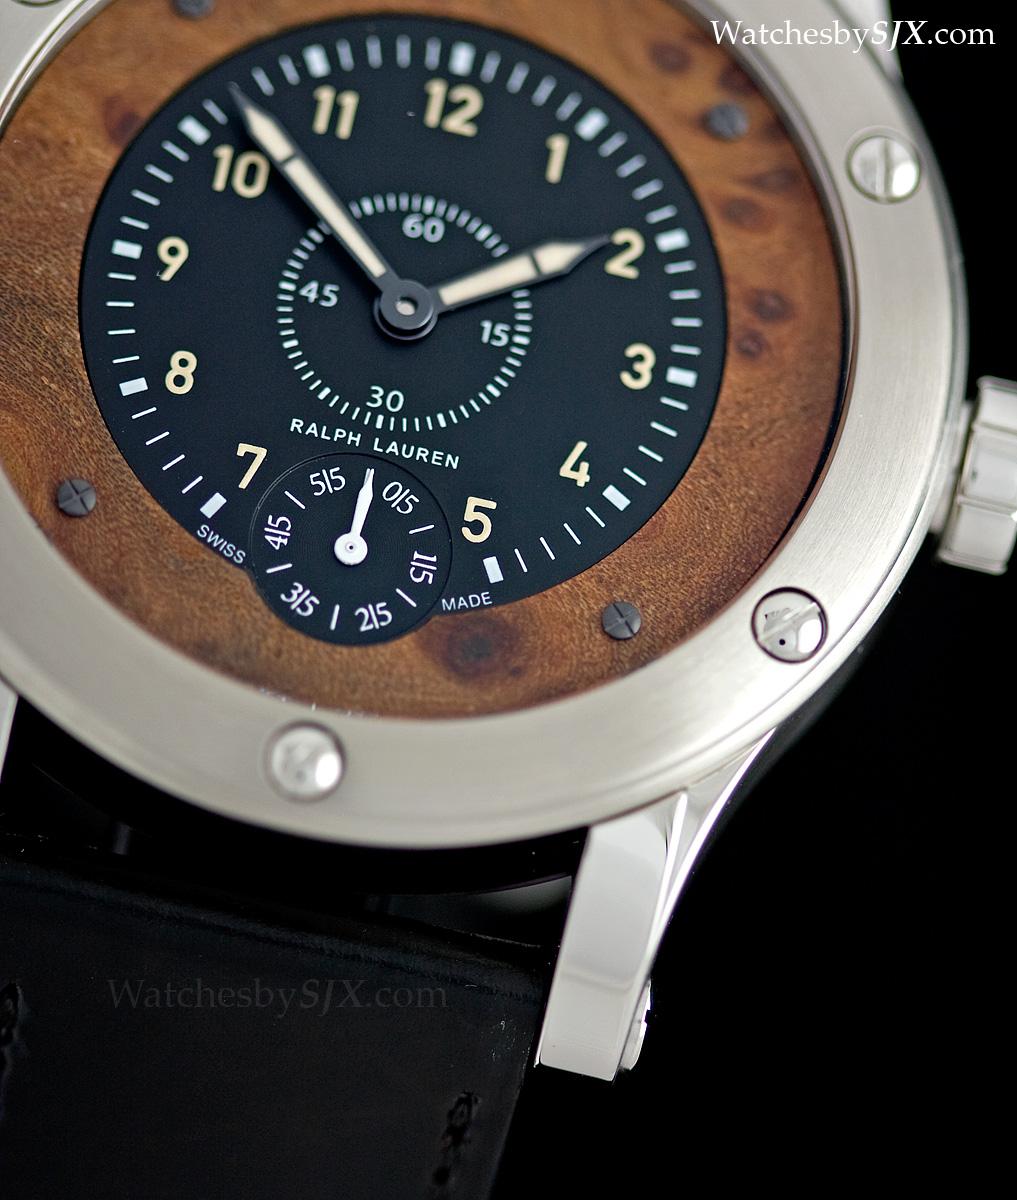 wie man wählt elegantes Aussehen viele Stile Watches By SJX: Hands-On With The Ralph Lauren Sporting ...